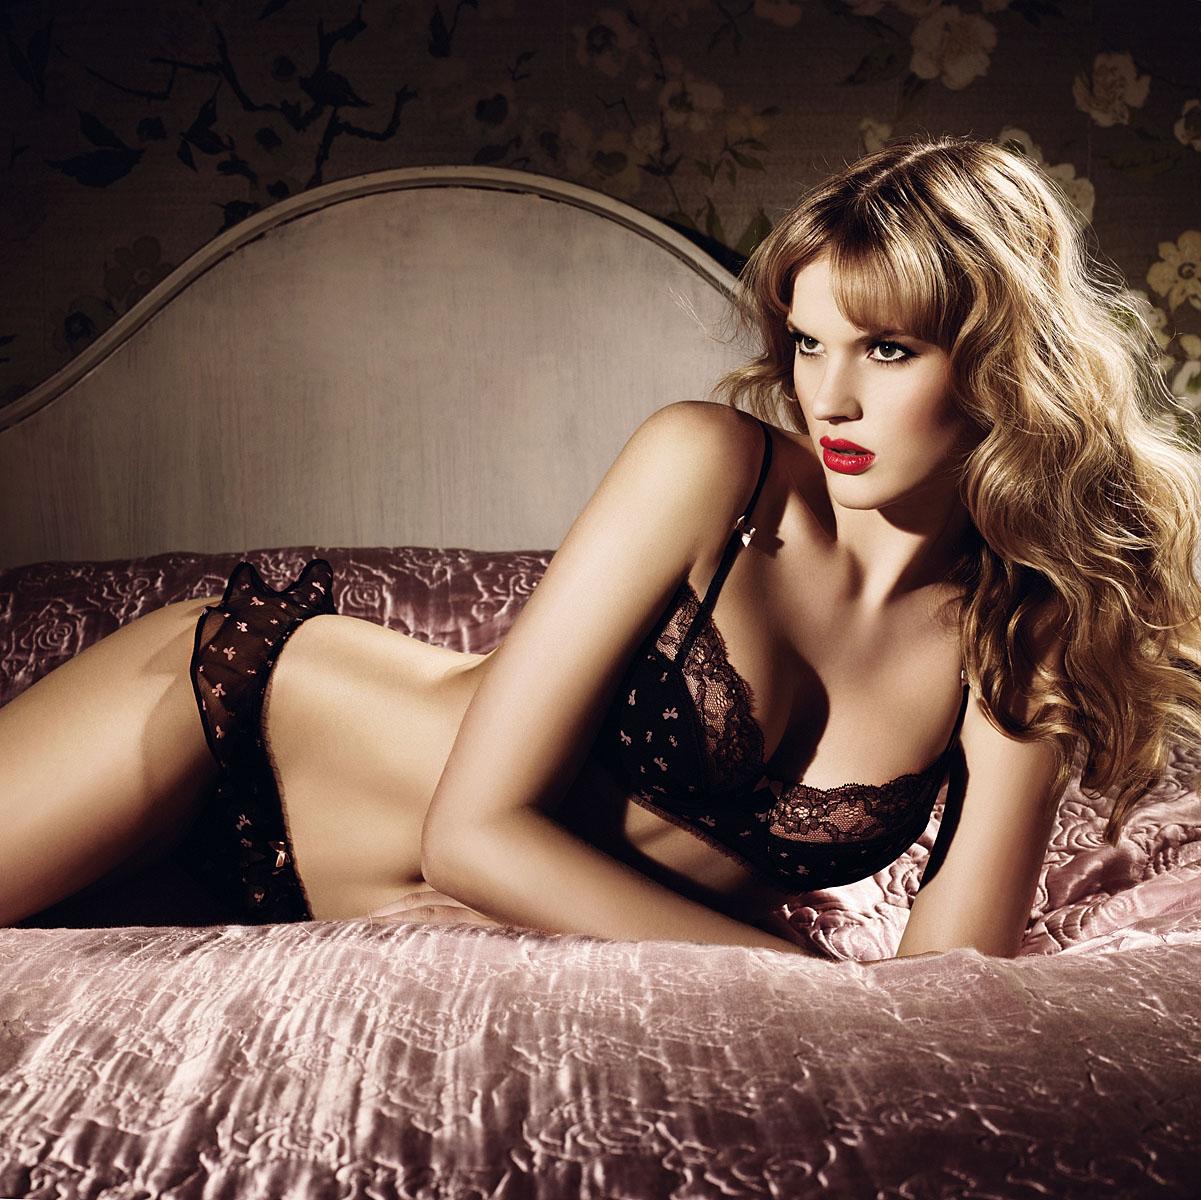 самые сексуальные модели фото